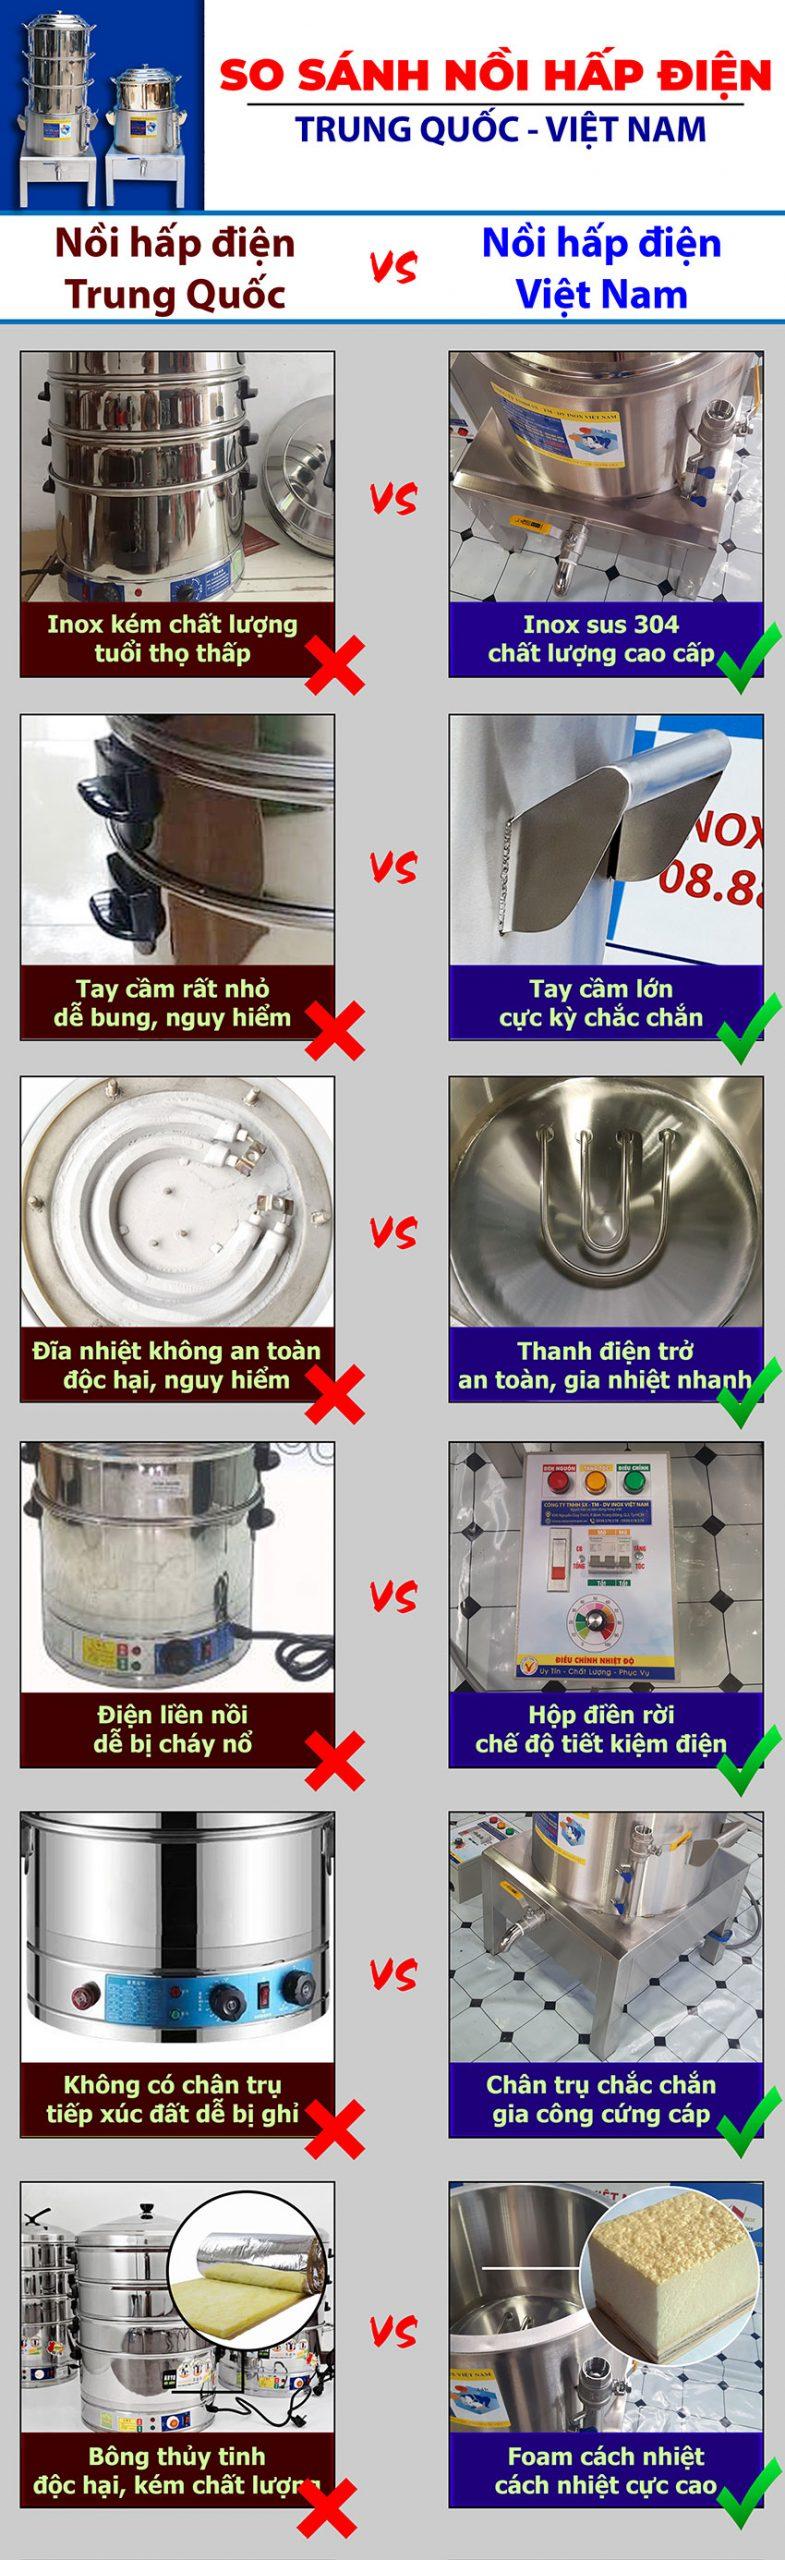 So sánh nồi hấp điện công nghiệp của Inox Việt Nam và nồi Trung Quốc